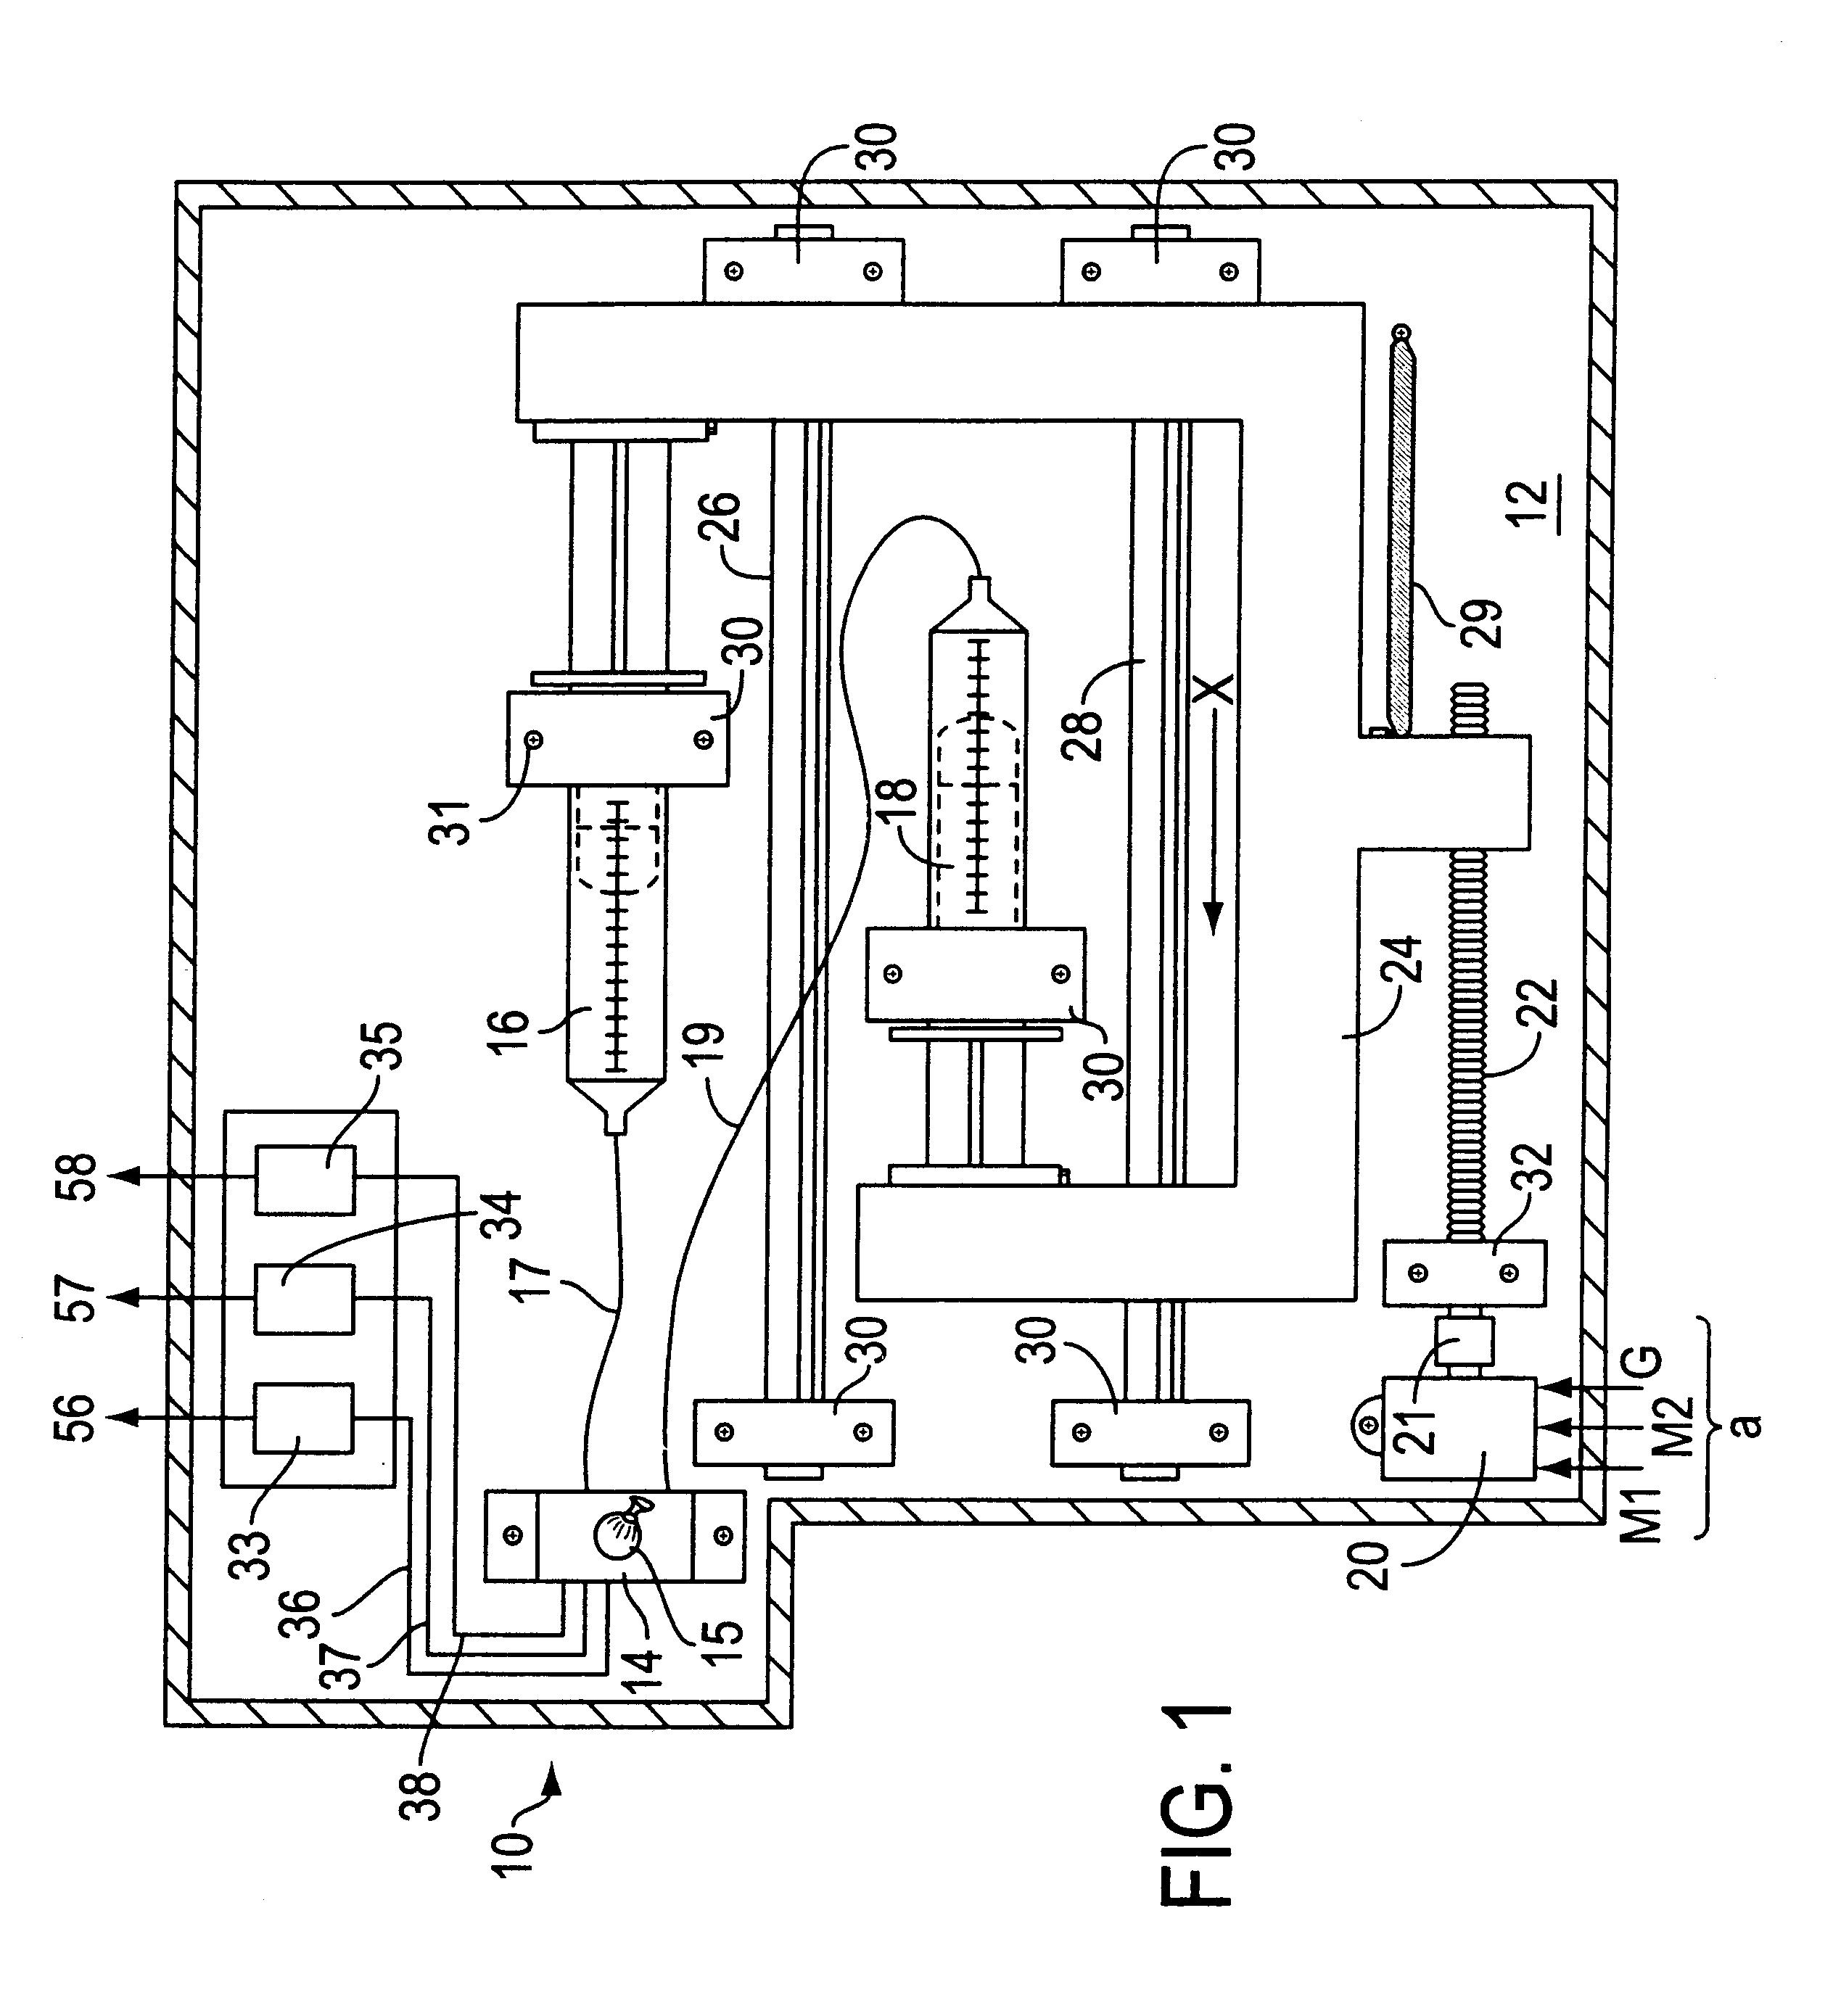 hampton bay ceiling fan wiring diagram hampton bay ceiling wiring diagram  hampton bay remote wiring diagram